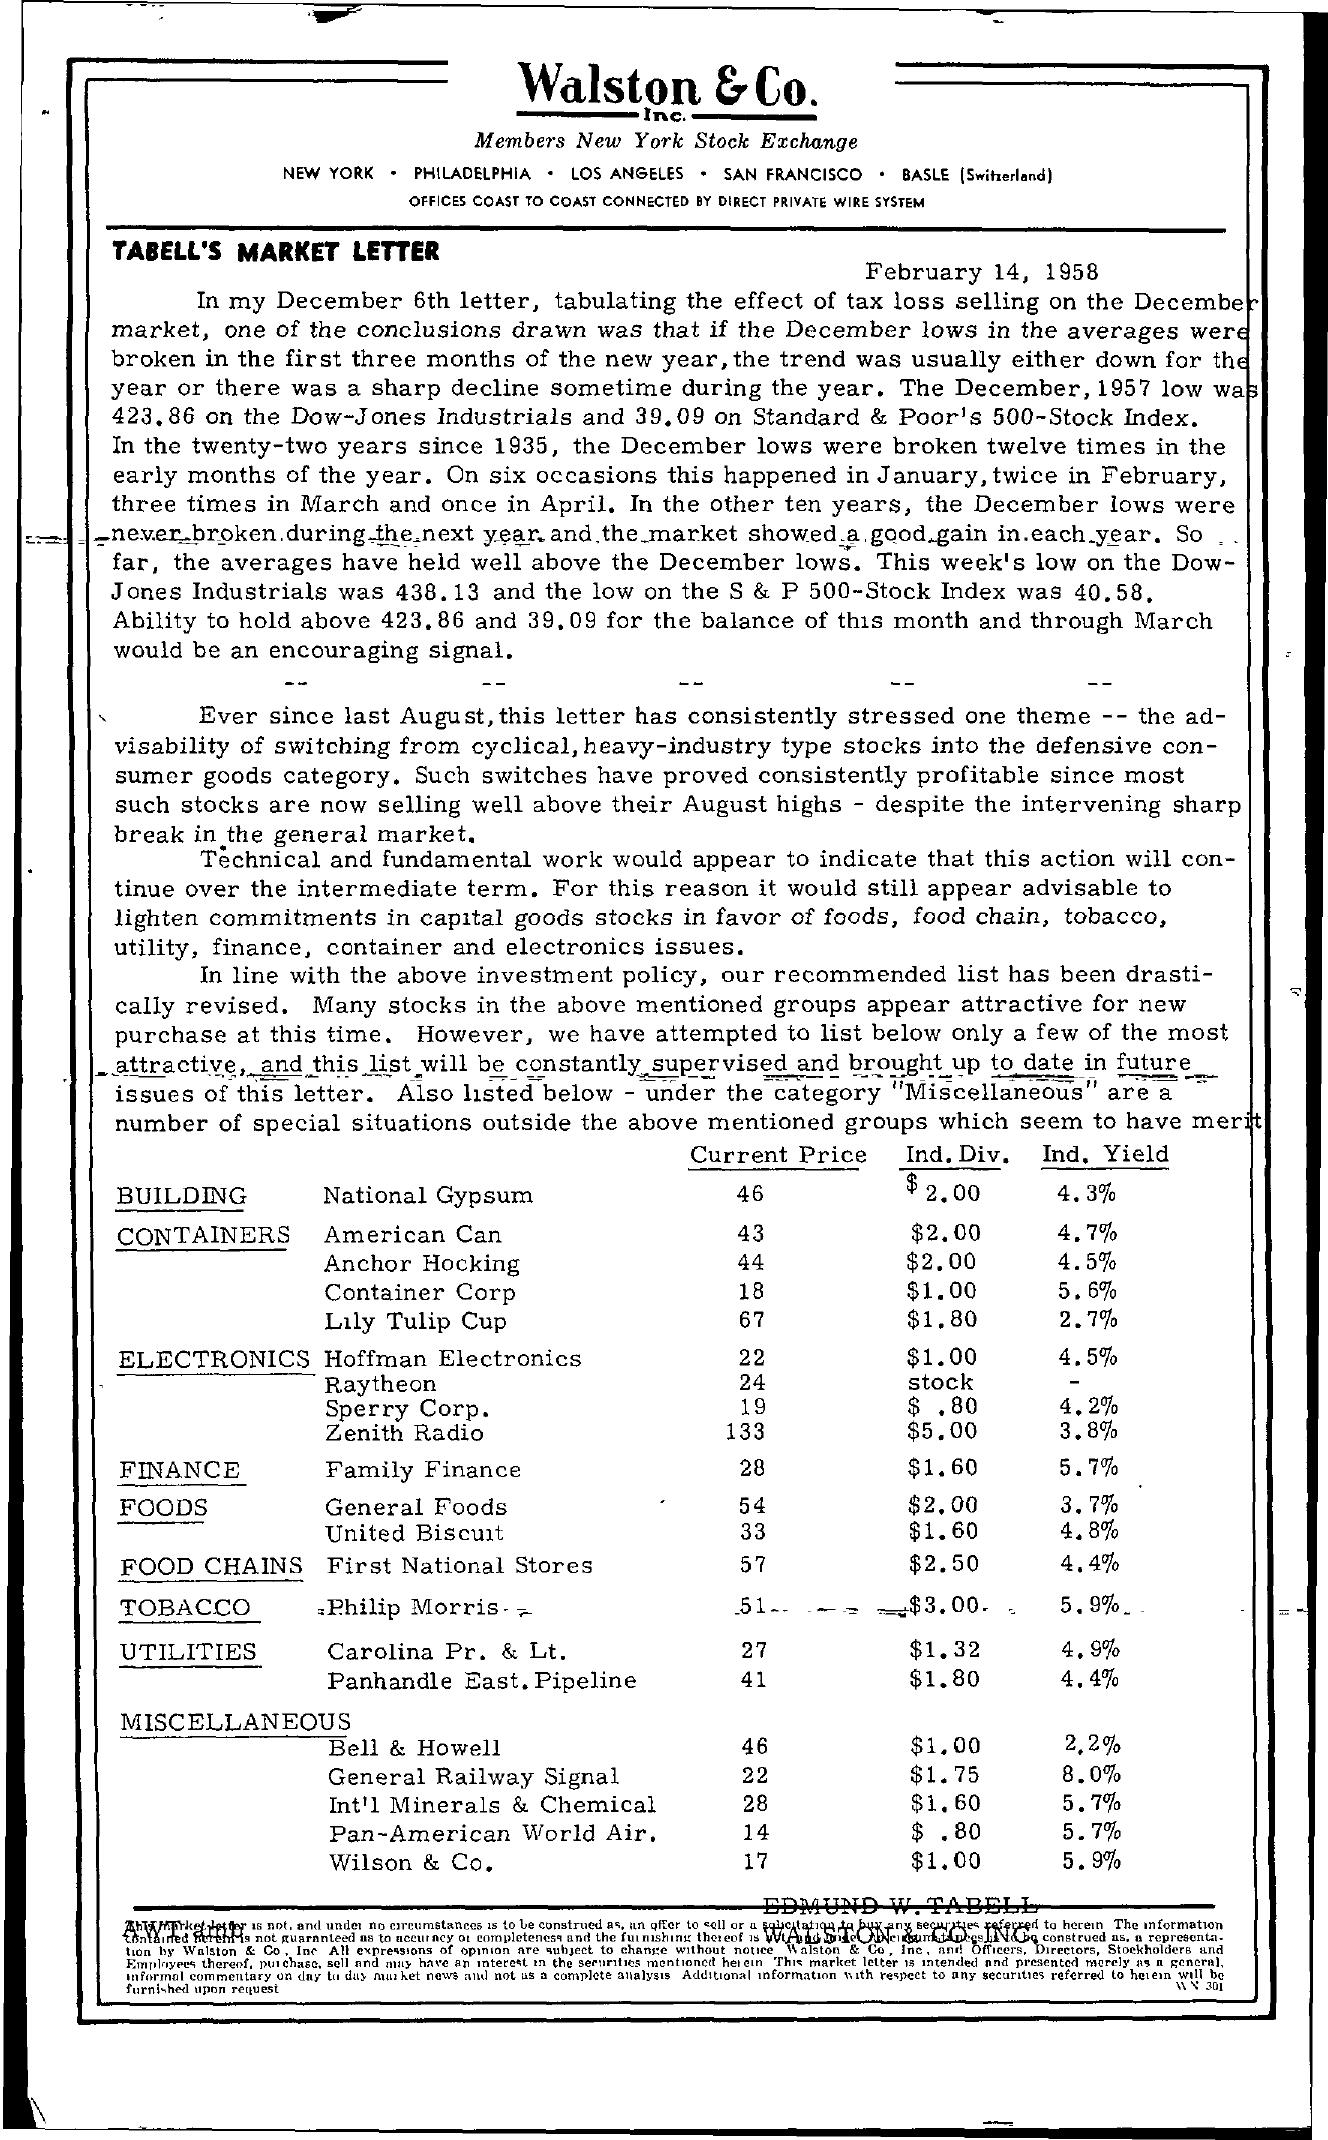 Tabell's Market Letter - February 14, 1958